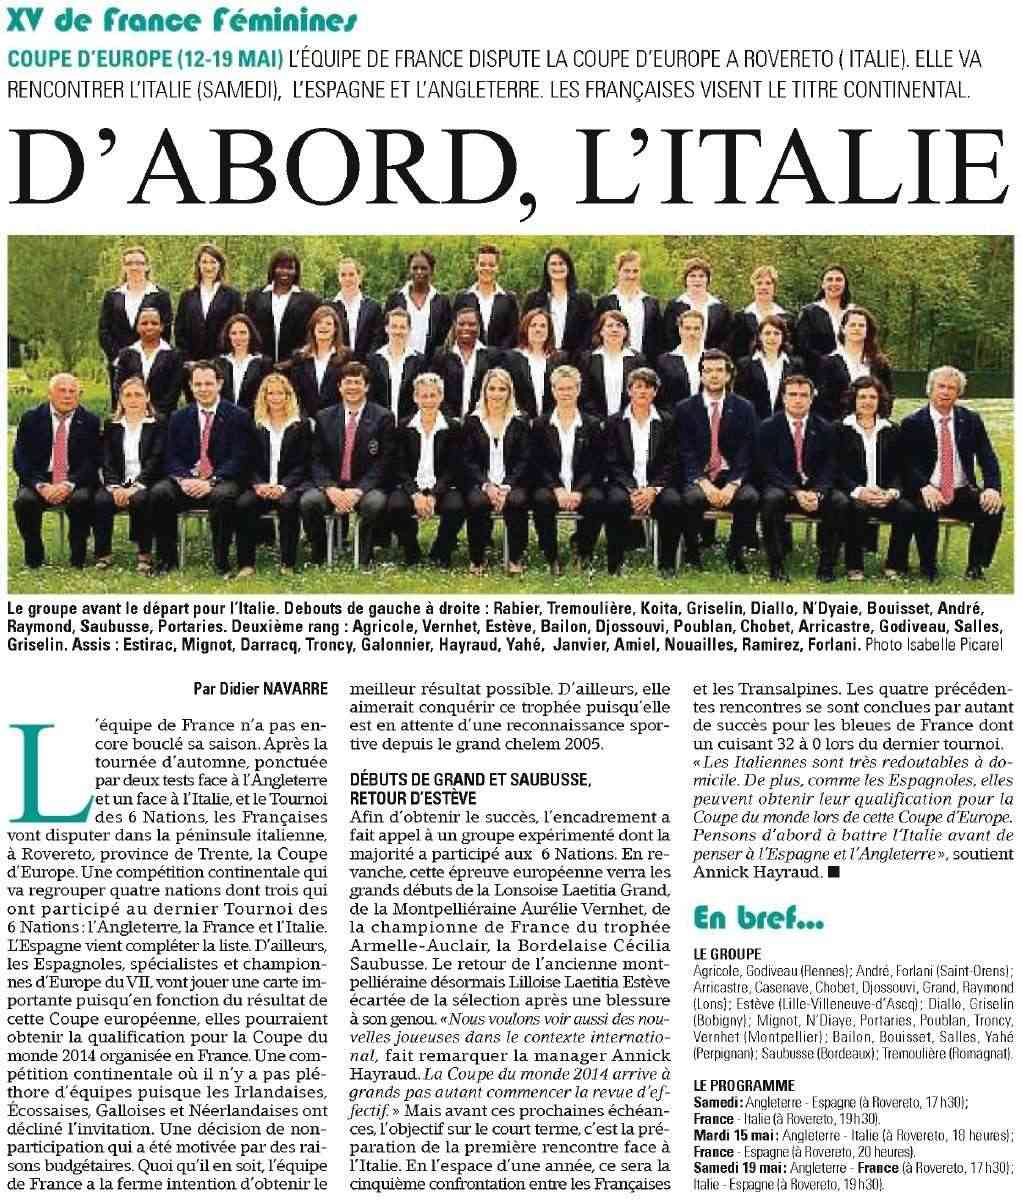 Lionnes 2011-2012 : l'année de la montée ? - Page 2 Sans_253